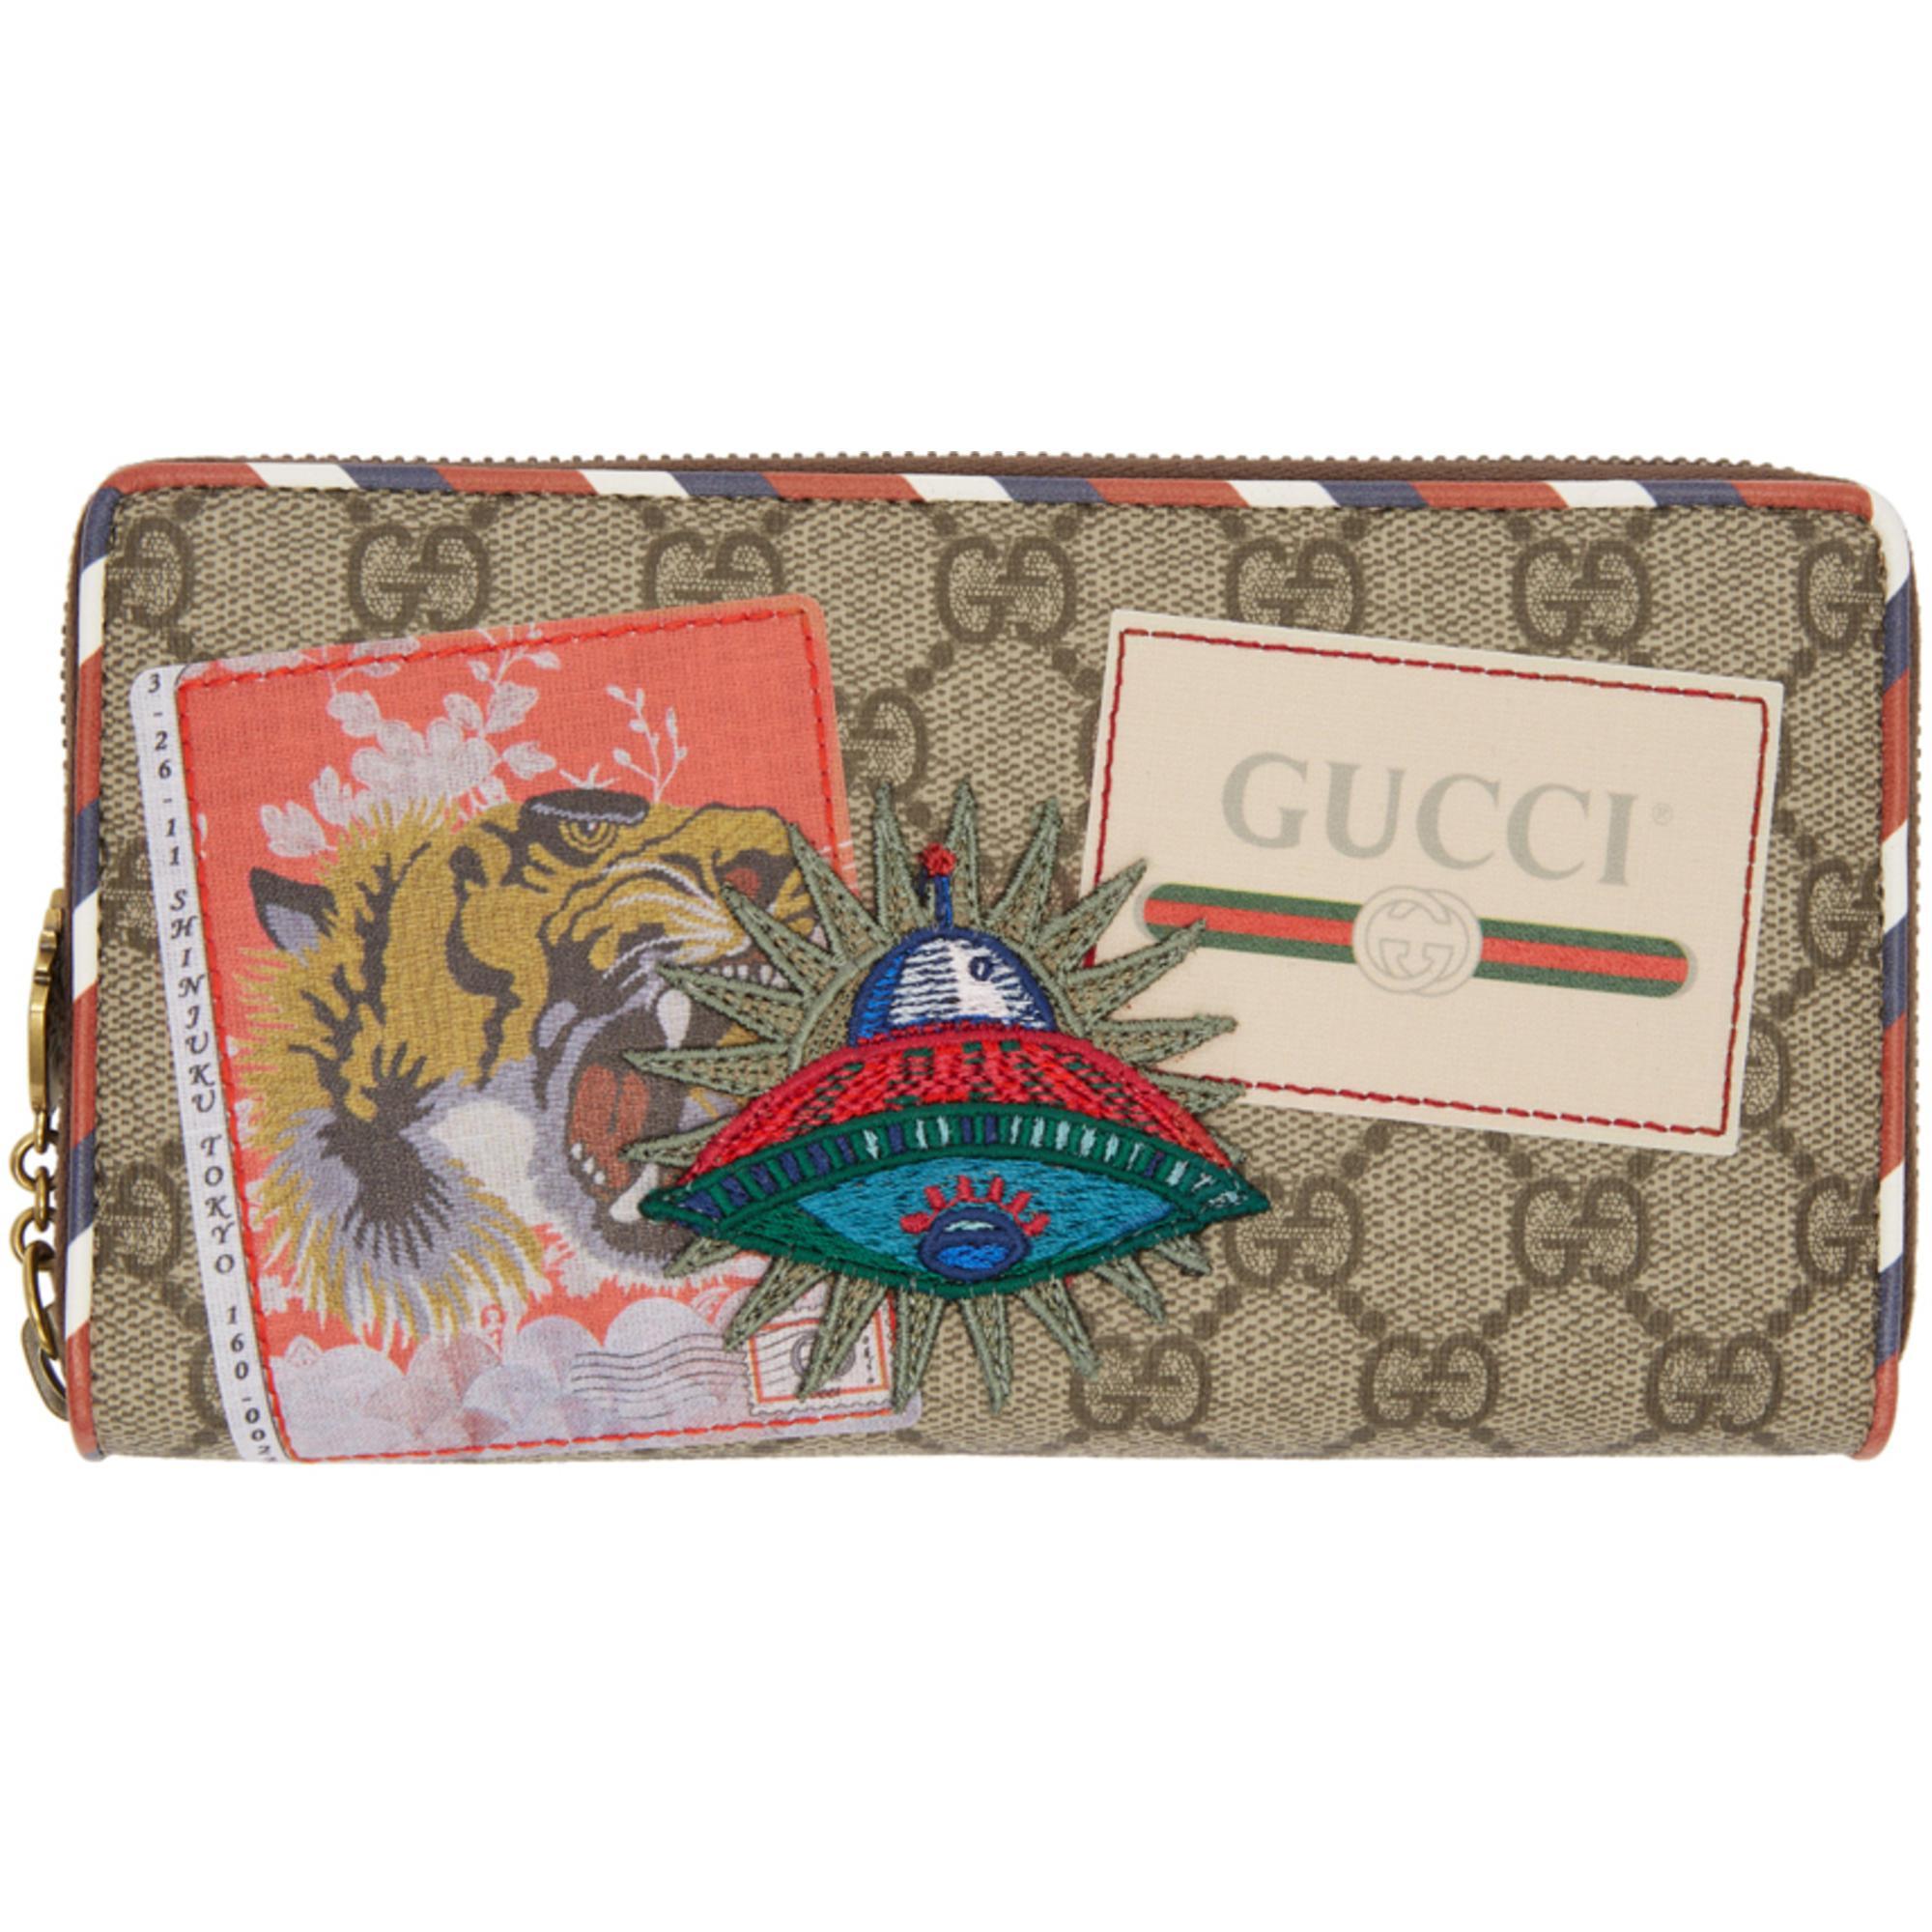 Lyst - Portefeuille à glissière beige GG Supreme Courrier Gucci en ... c46c8d4e5f1